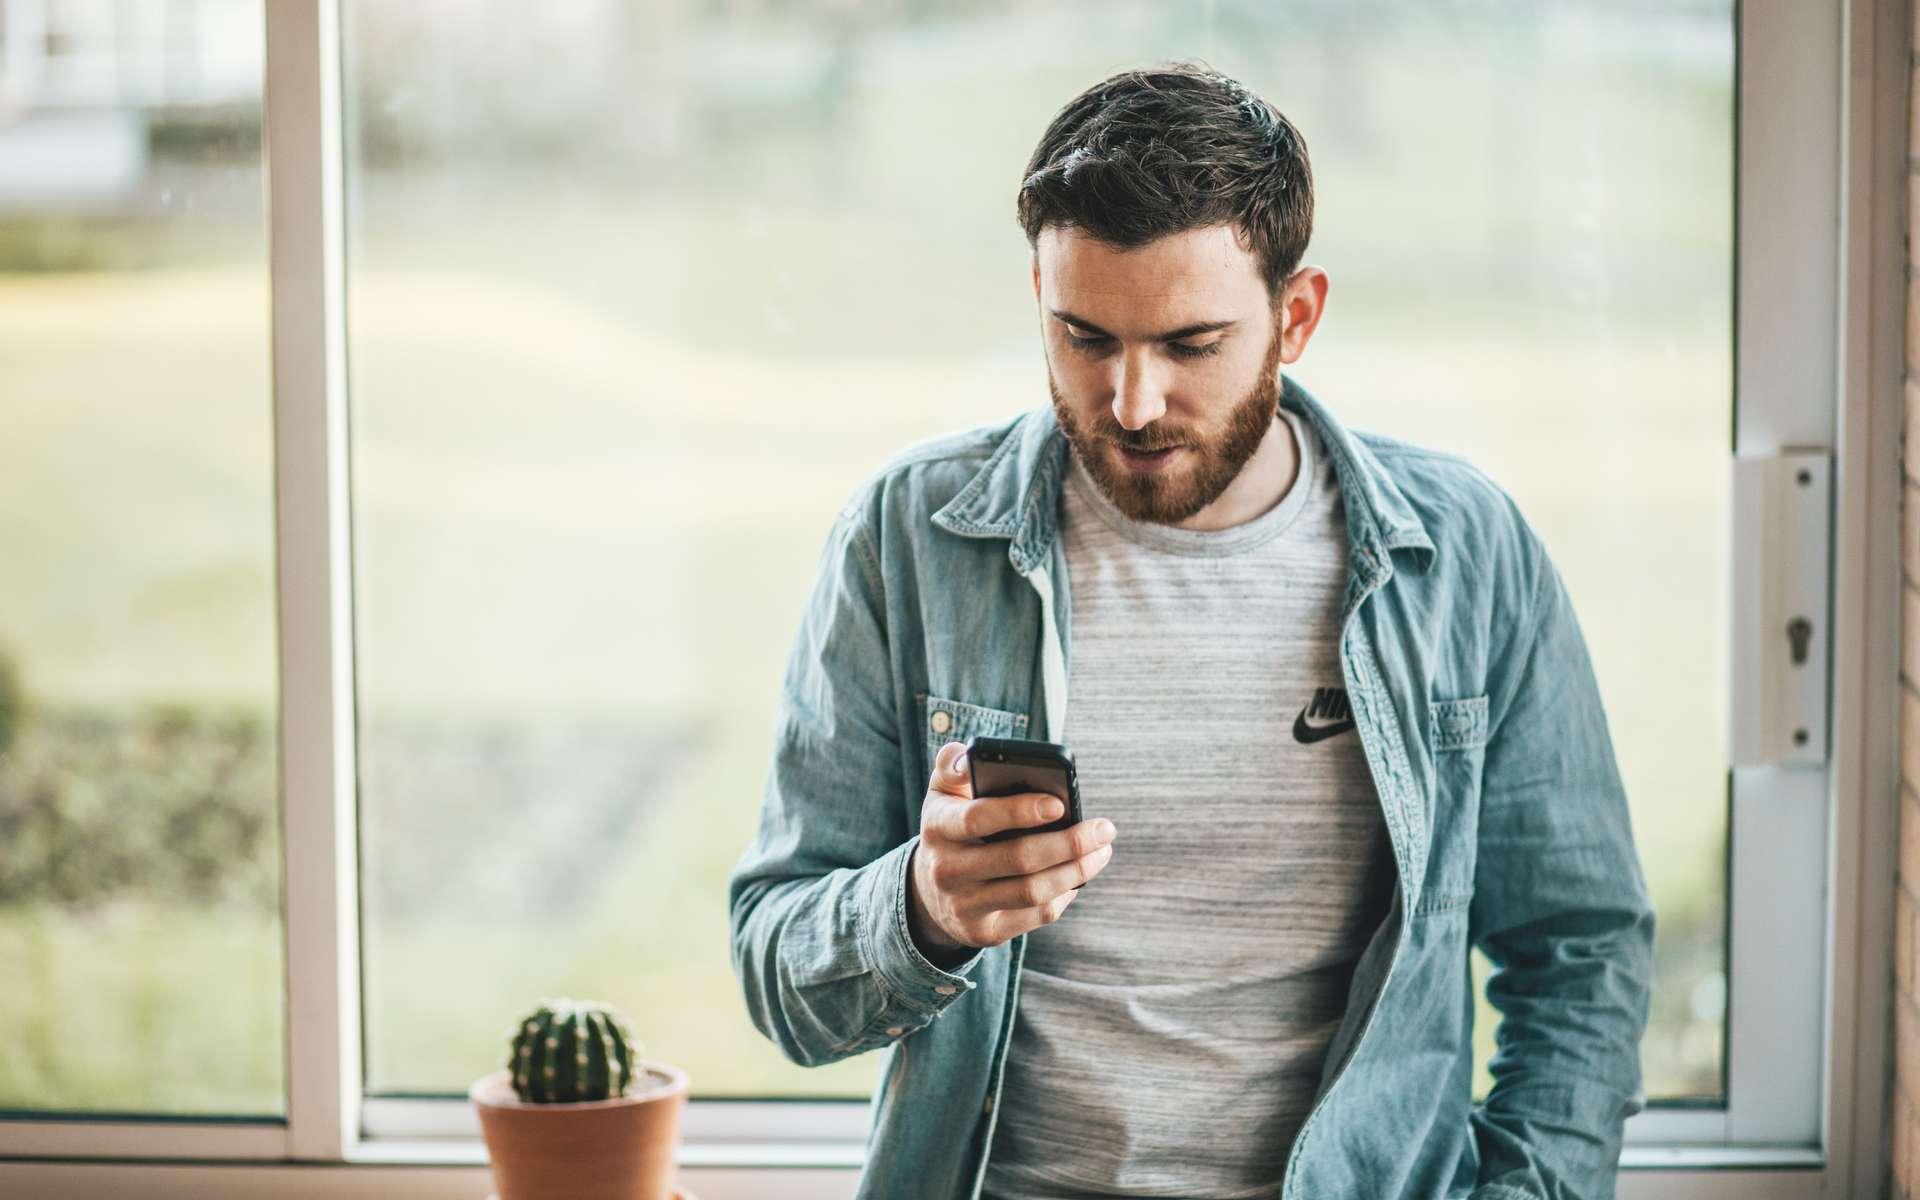 Le forfait Free mobile à 50% de réduction ! © Thom Holmes, Unsplash